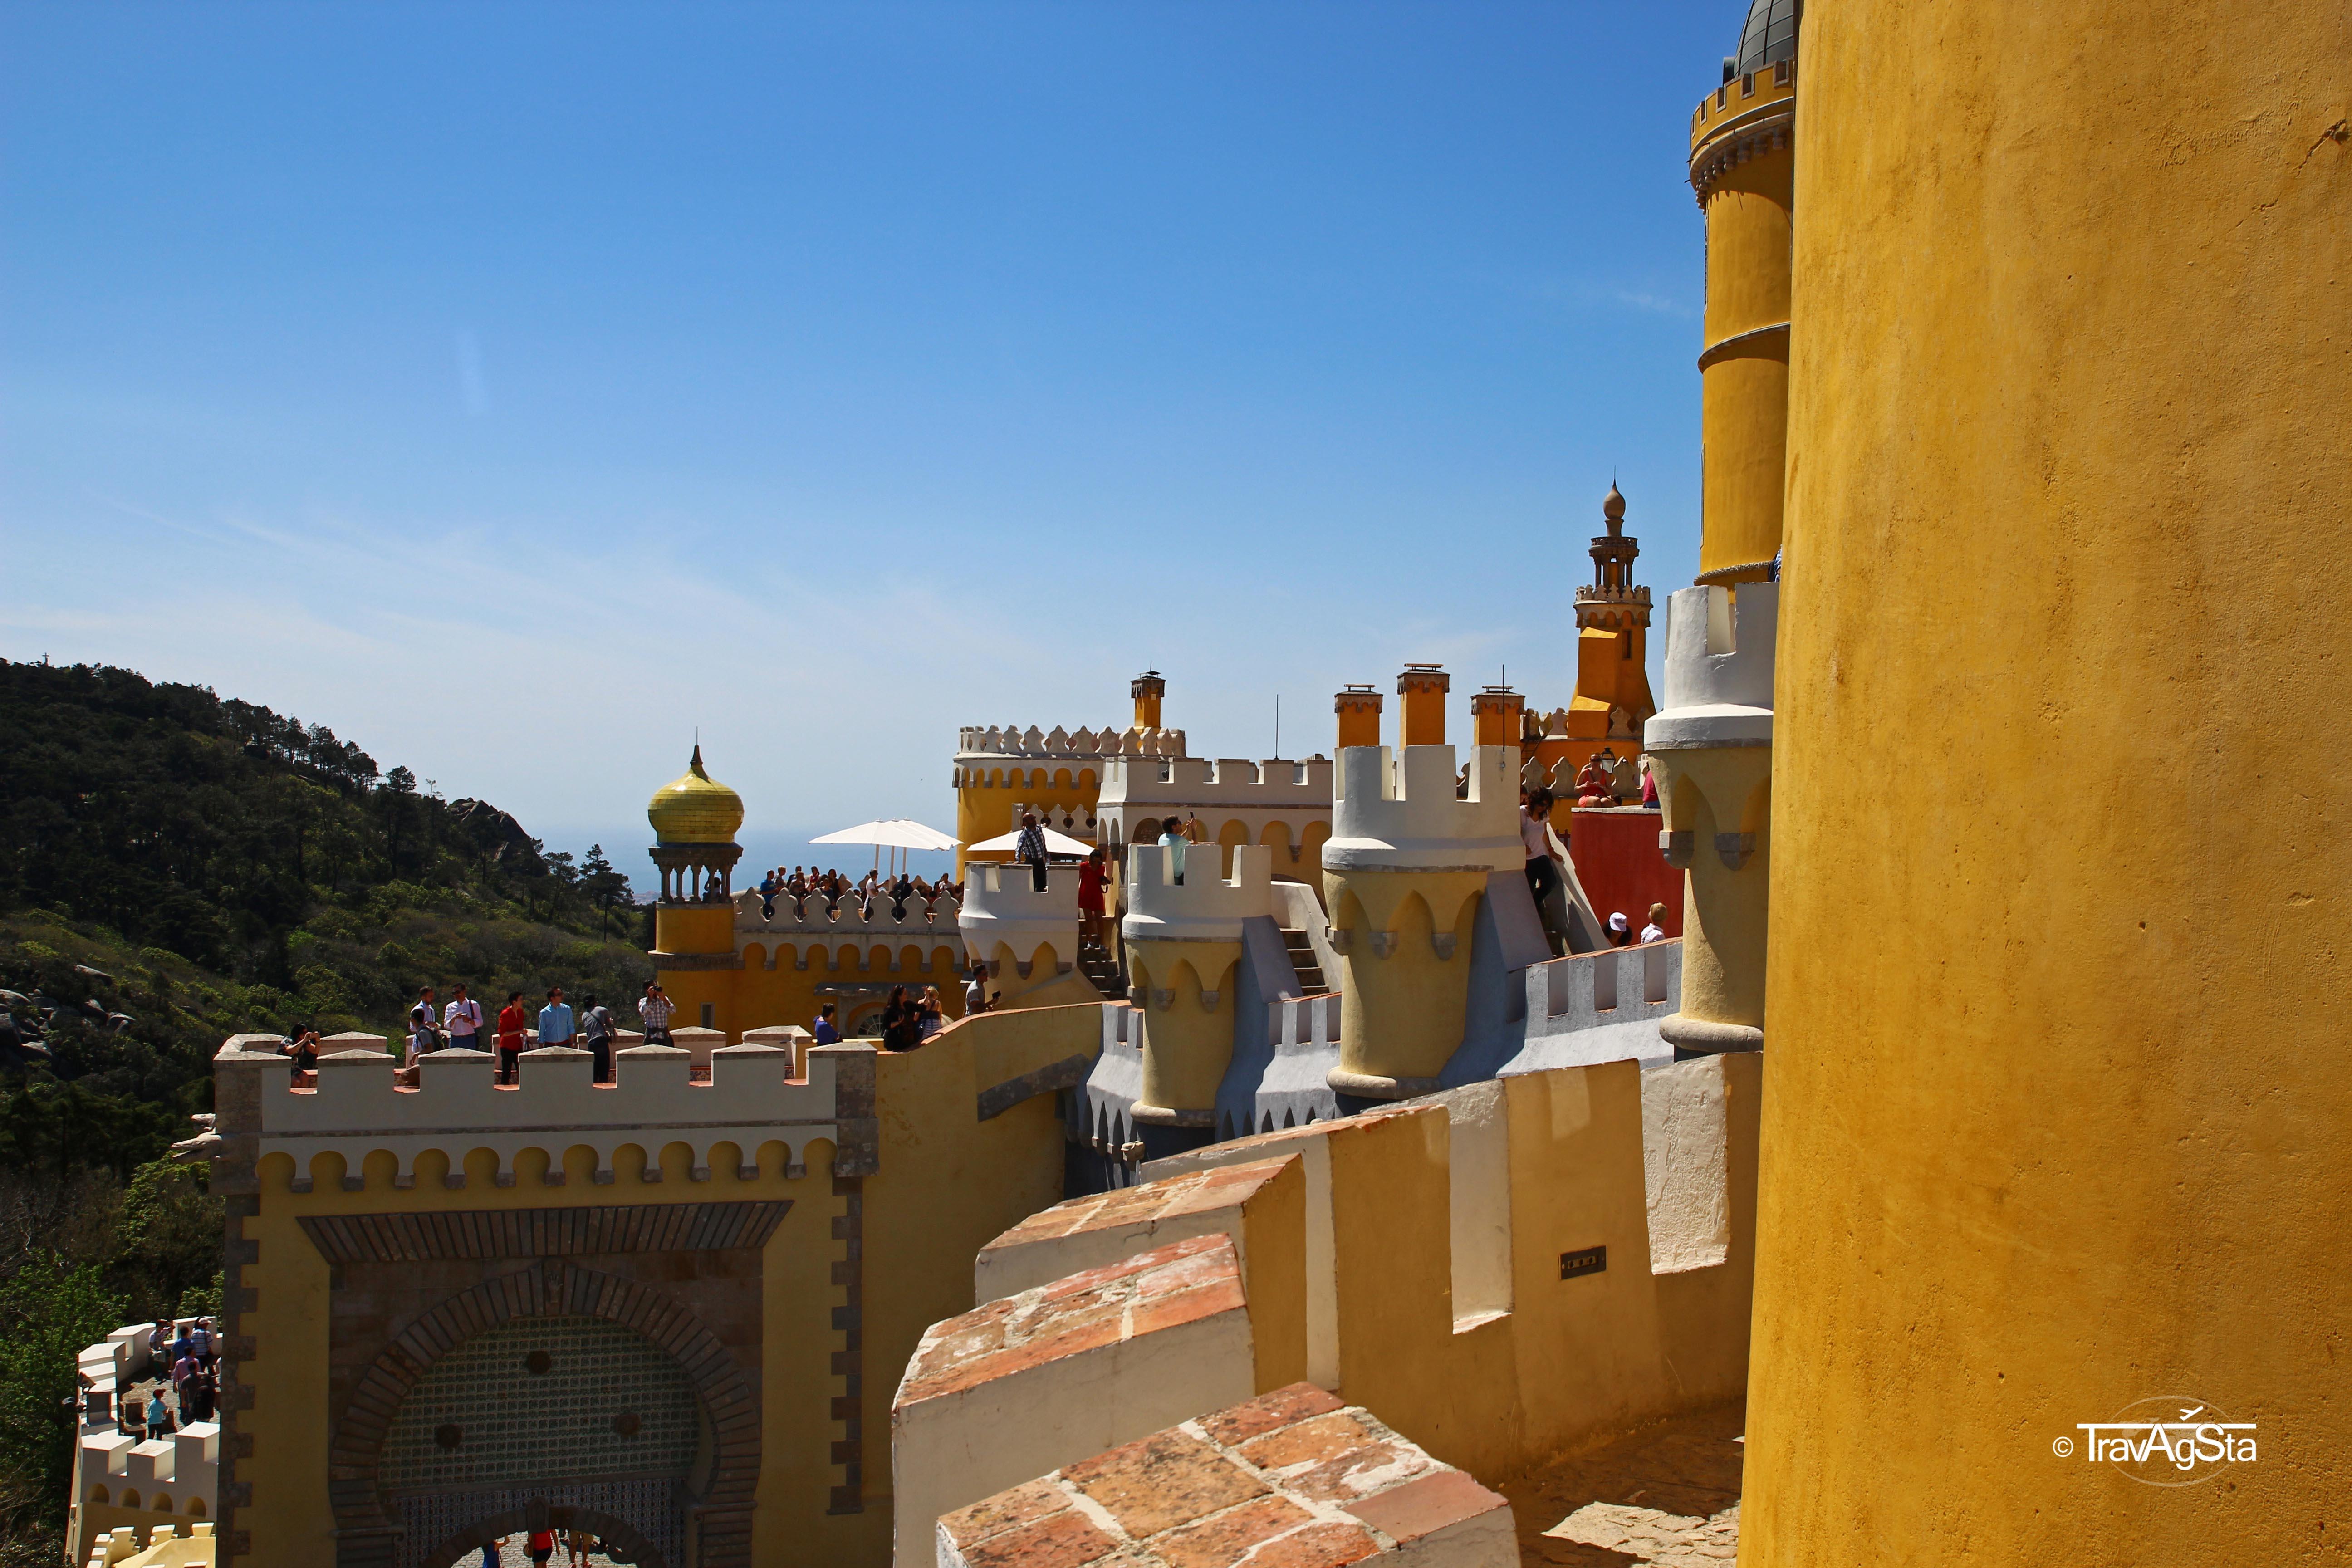 Es waren einmal 12 schöne Burgen und Schlösser…